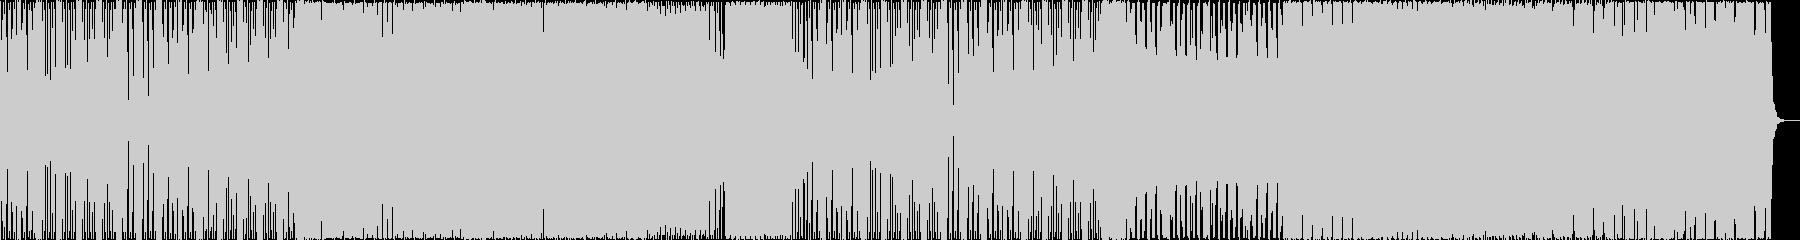 トラップとブロステップの雰囲気のEDMの未再生の波形